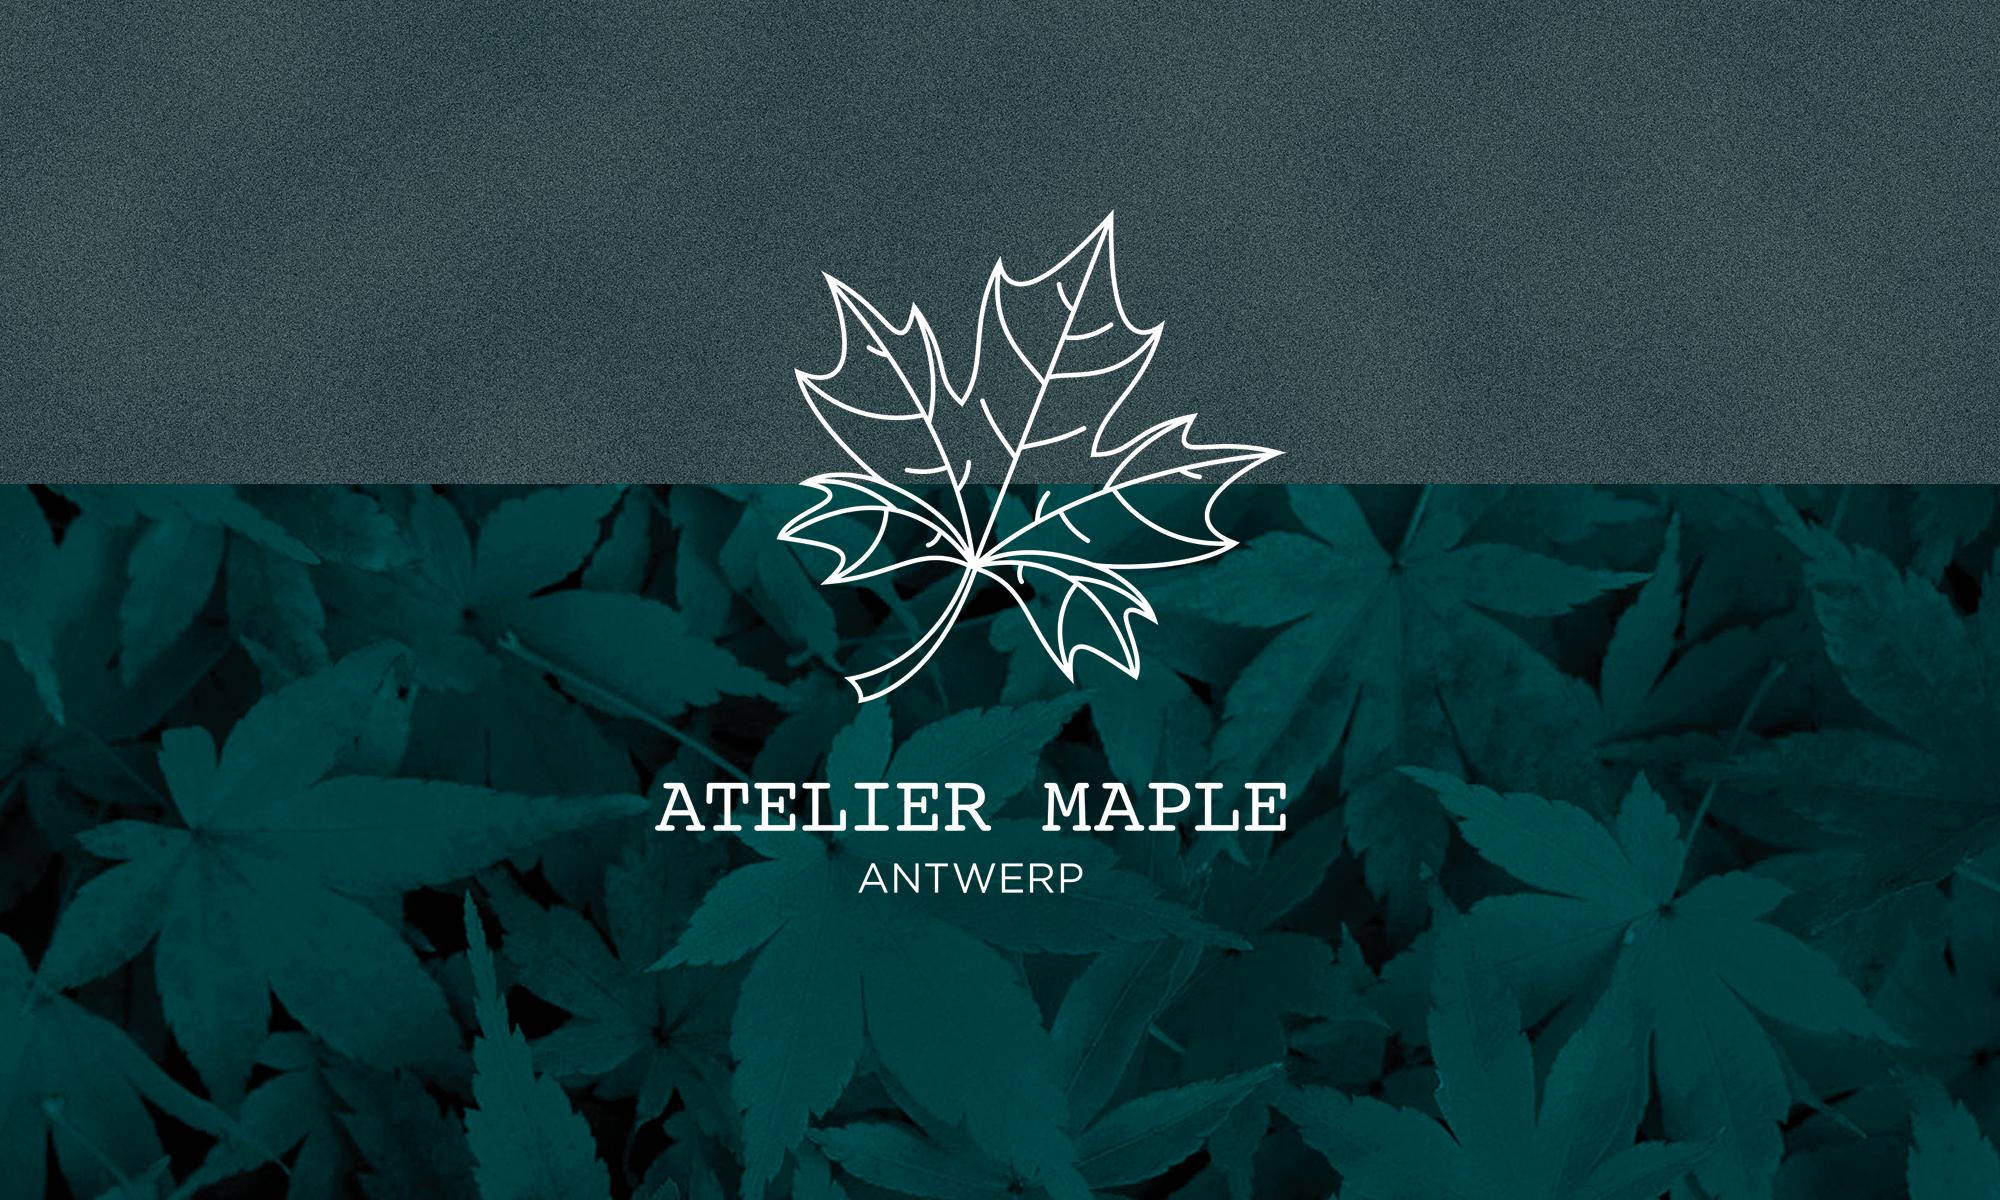 Atelier maple